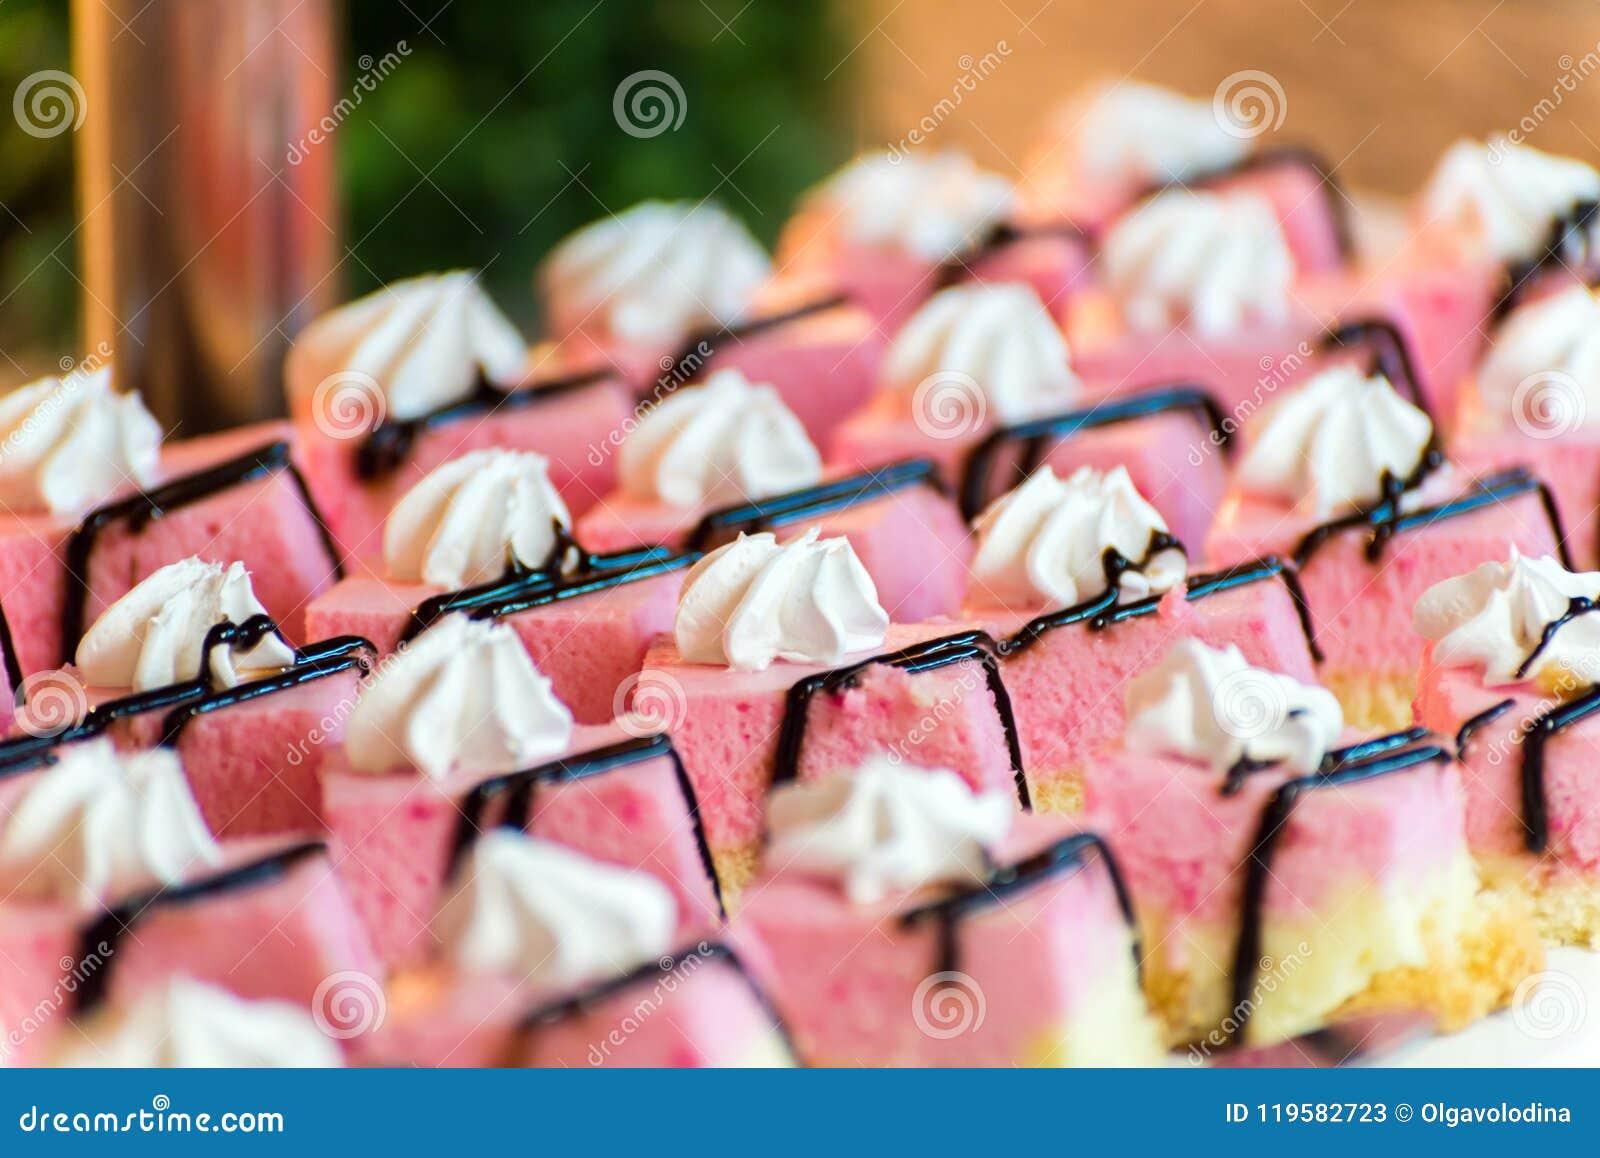 Los Frucht backt auf einem Buffet zusammen